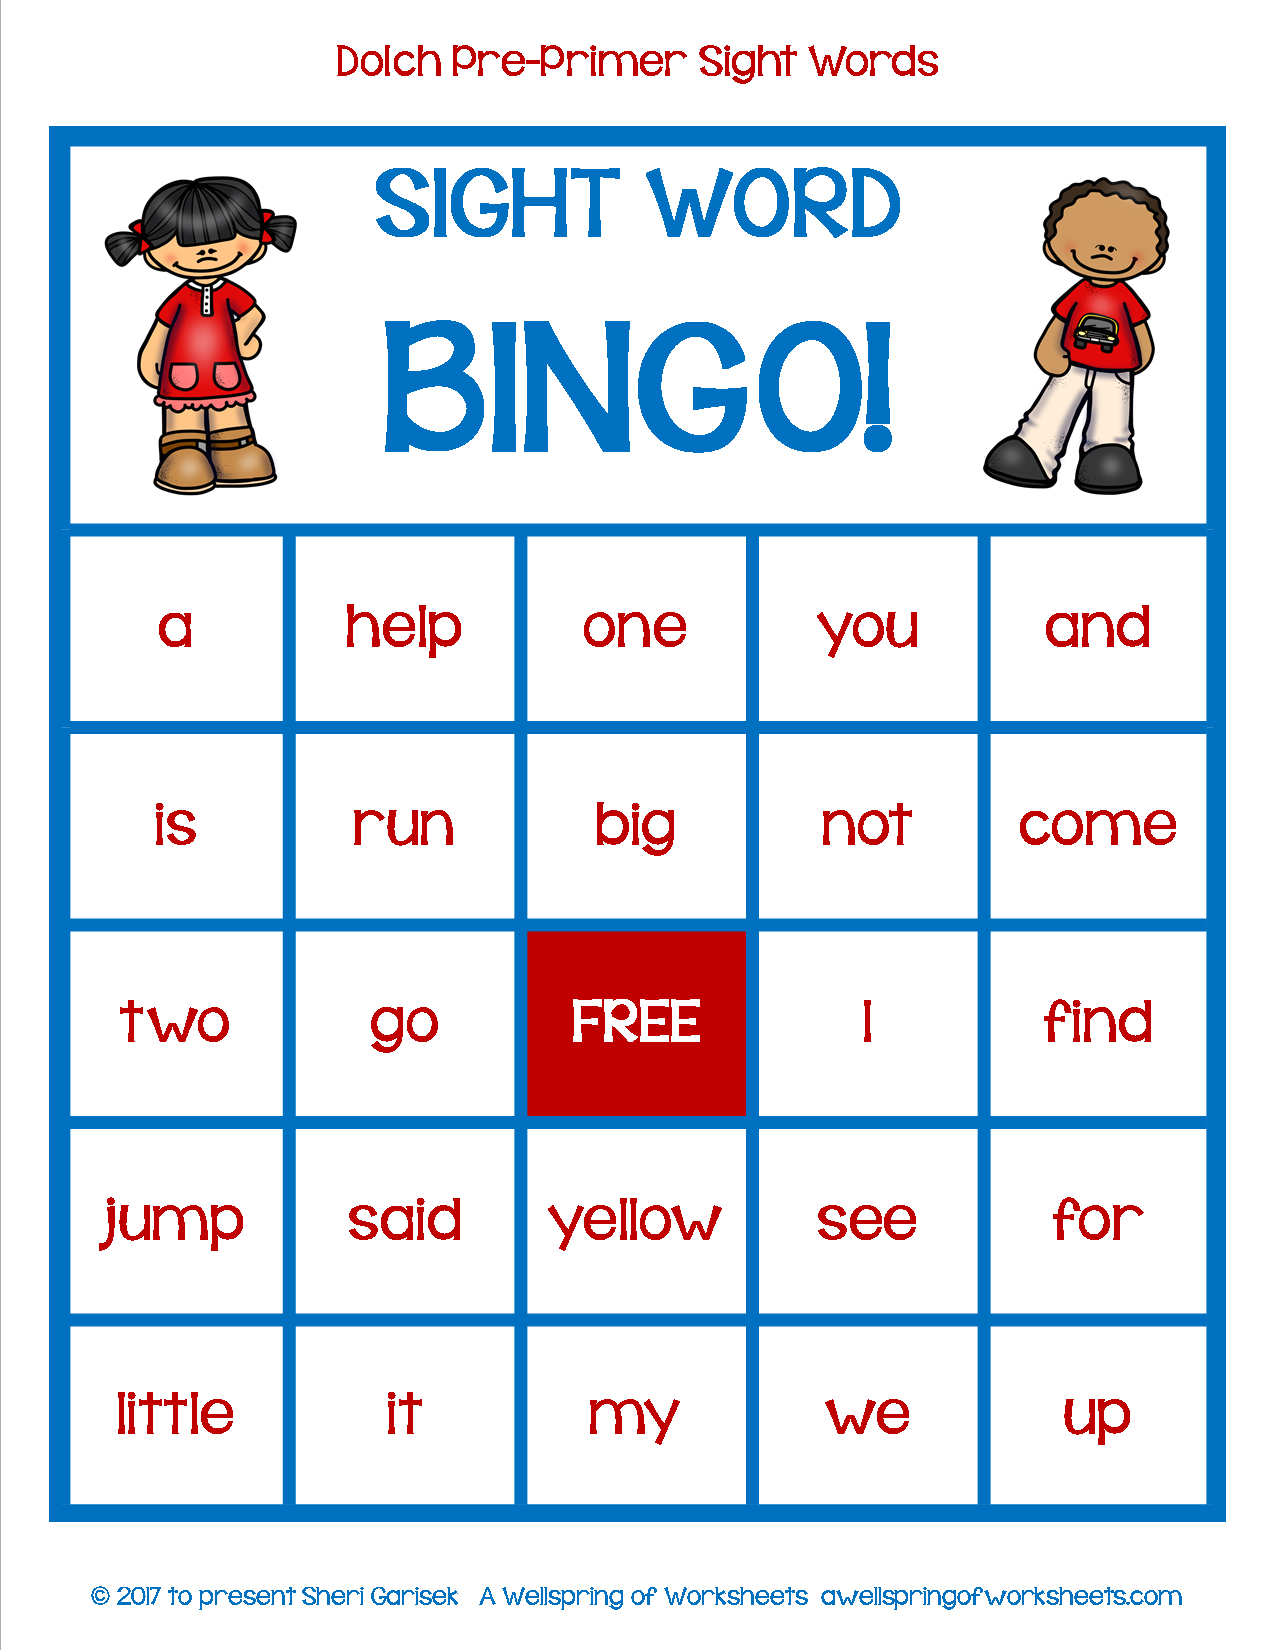 Dolch Pre-Primer Sight Word Game - Bingo | Pre Primer Sight